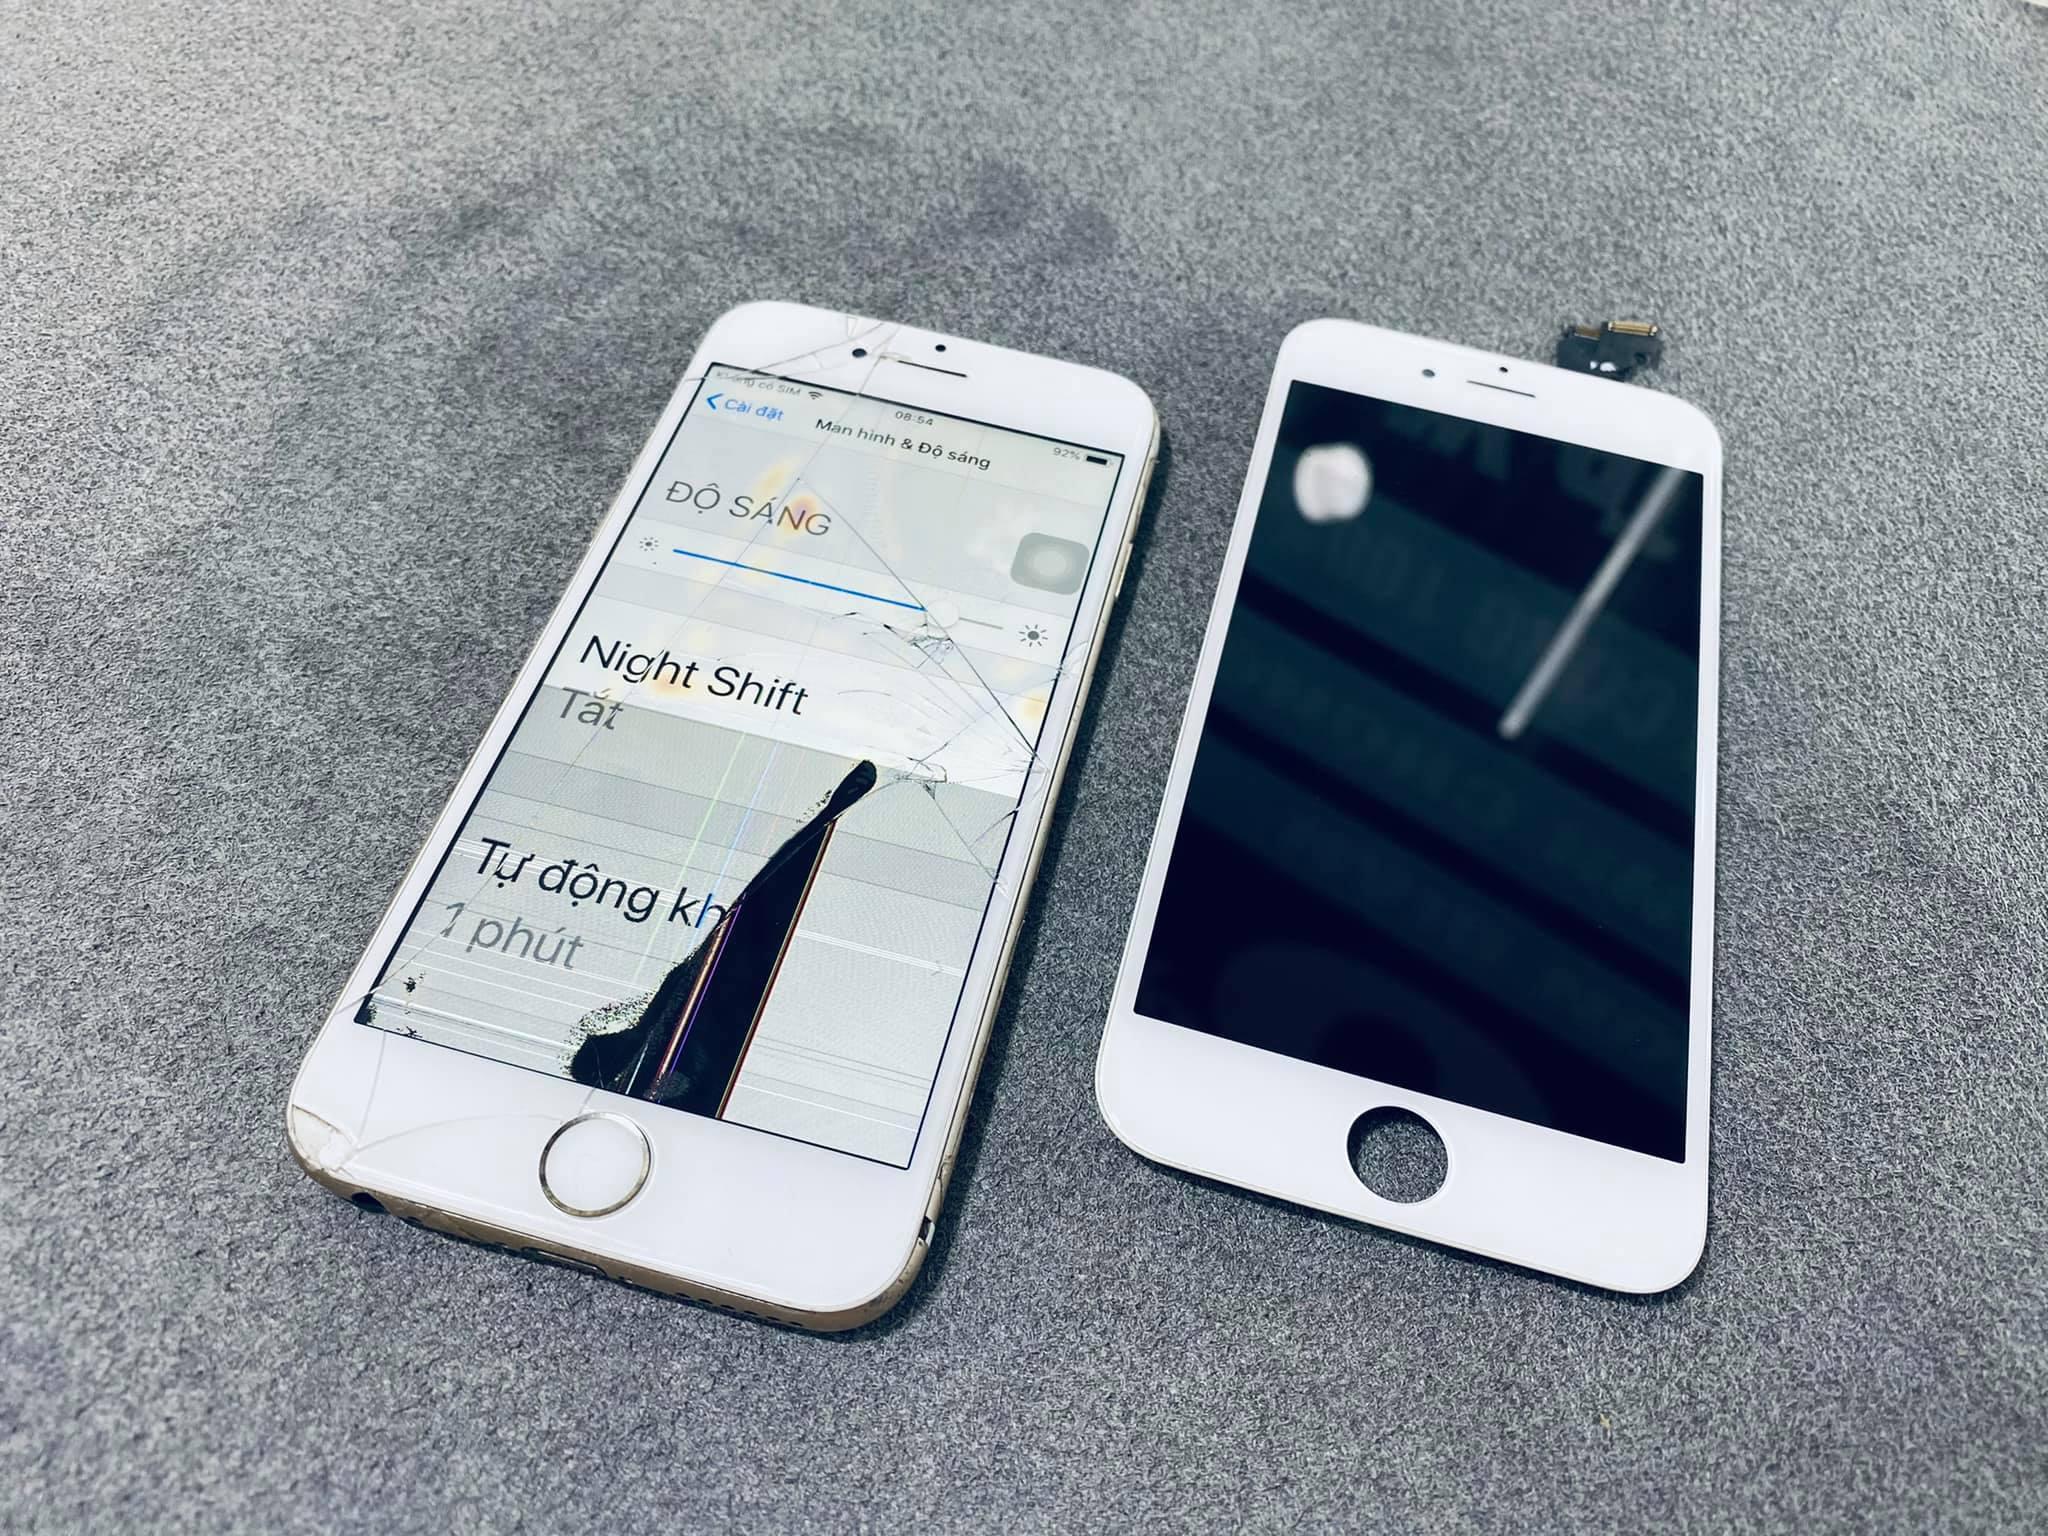 Thay Màn Hình iPhone 6s Uy Tín Chất Lượng Số 1 Bà Rịa Vũng Tàu